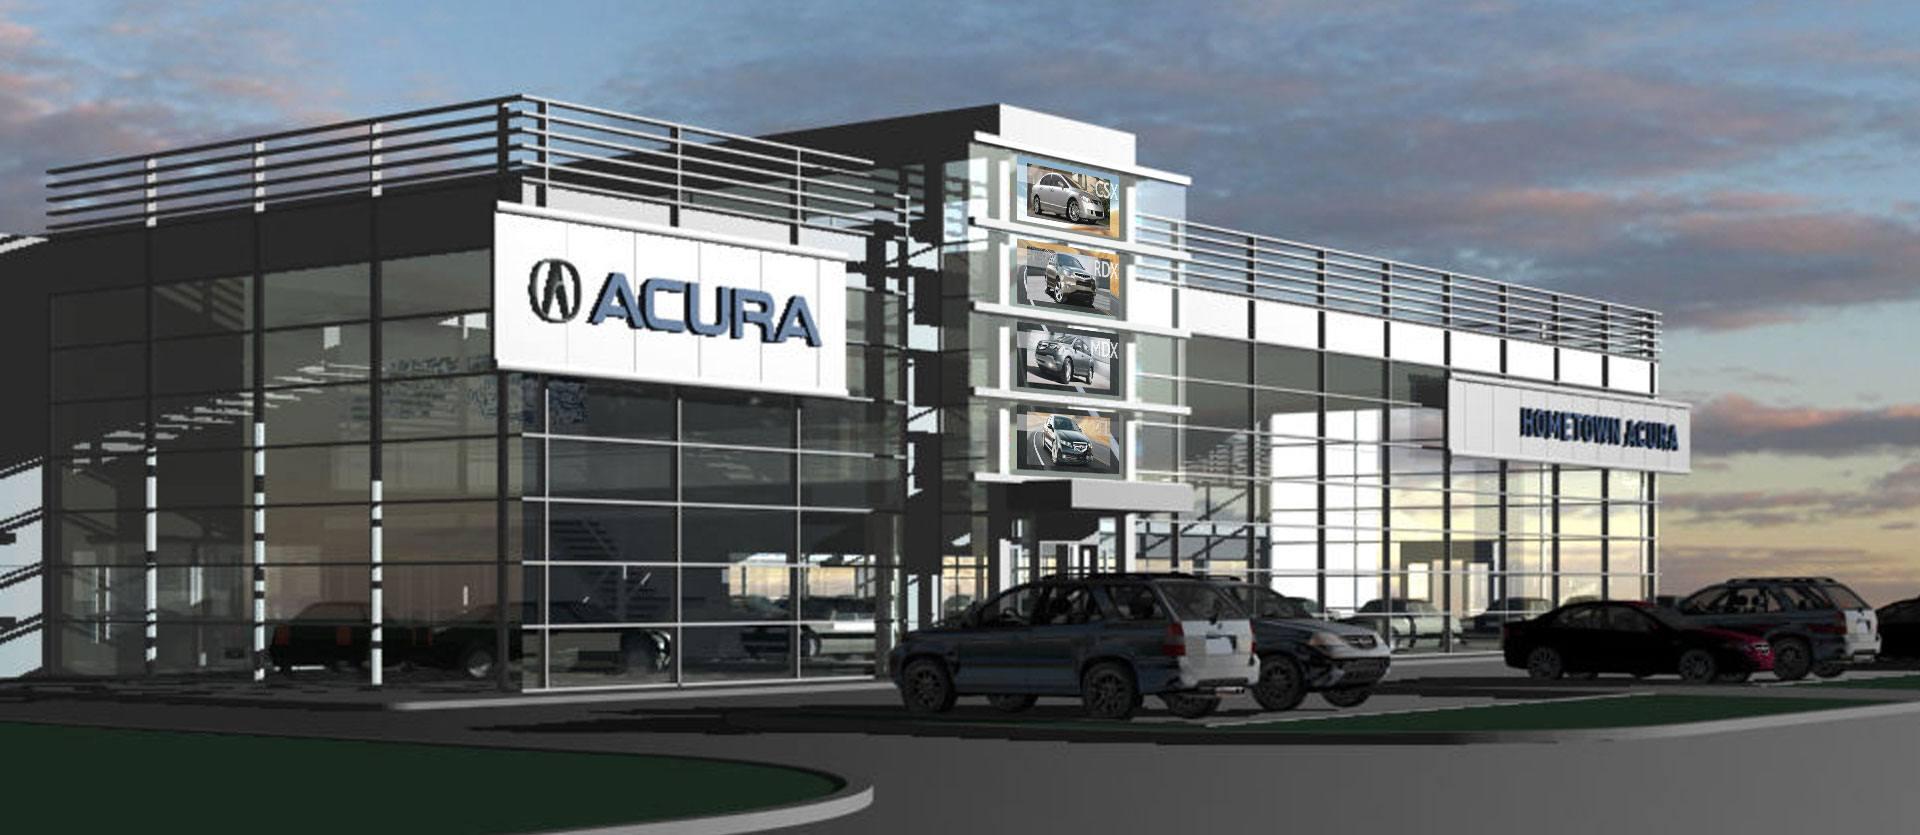 Acura Dealership Custom Display